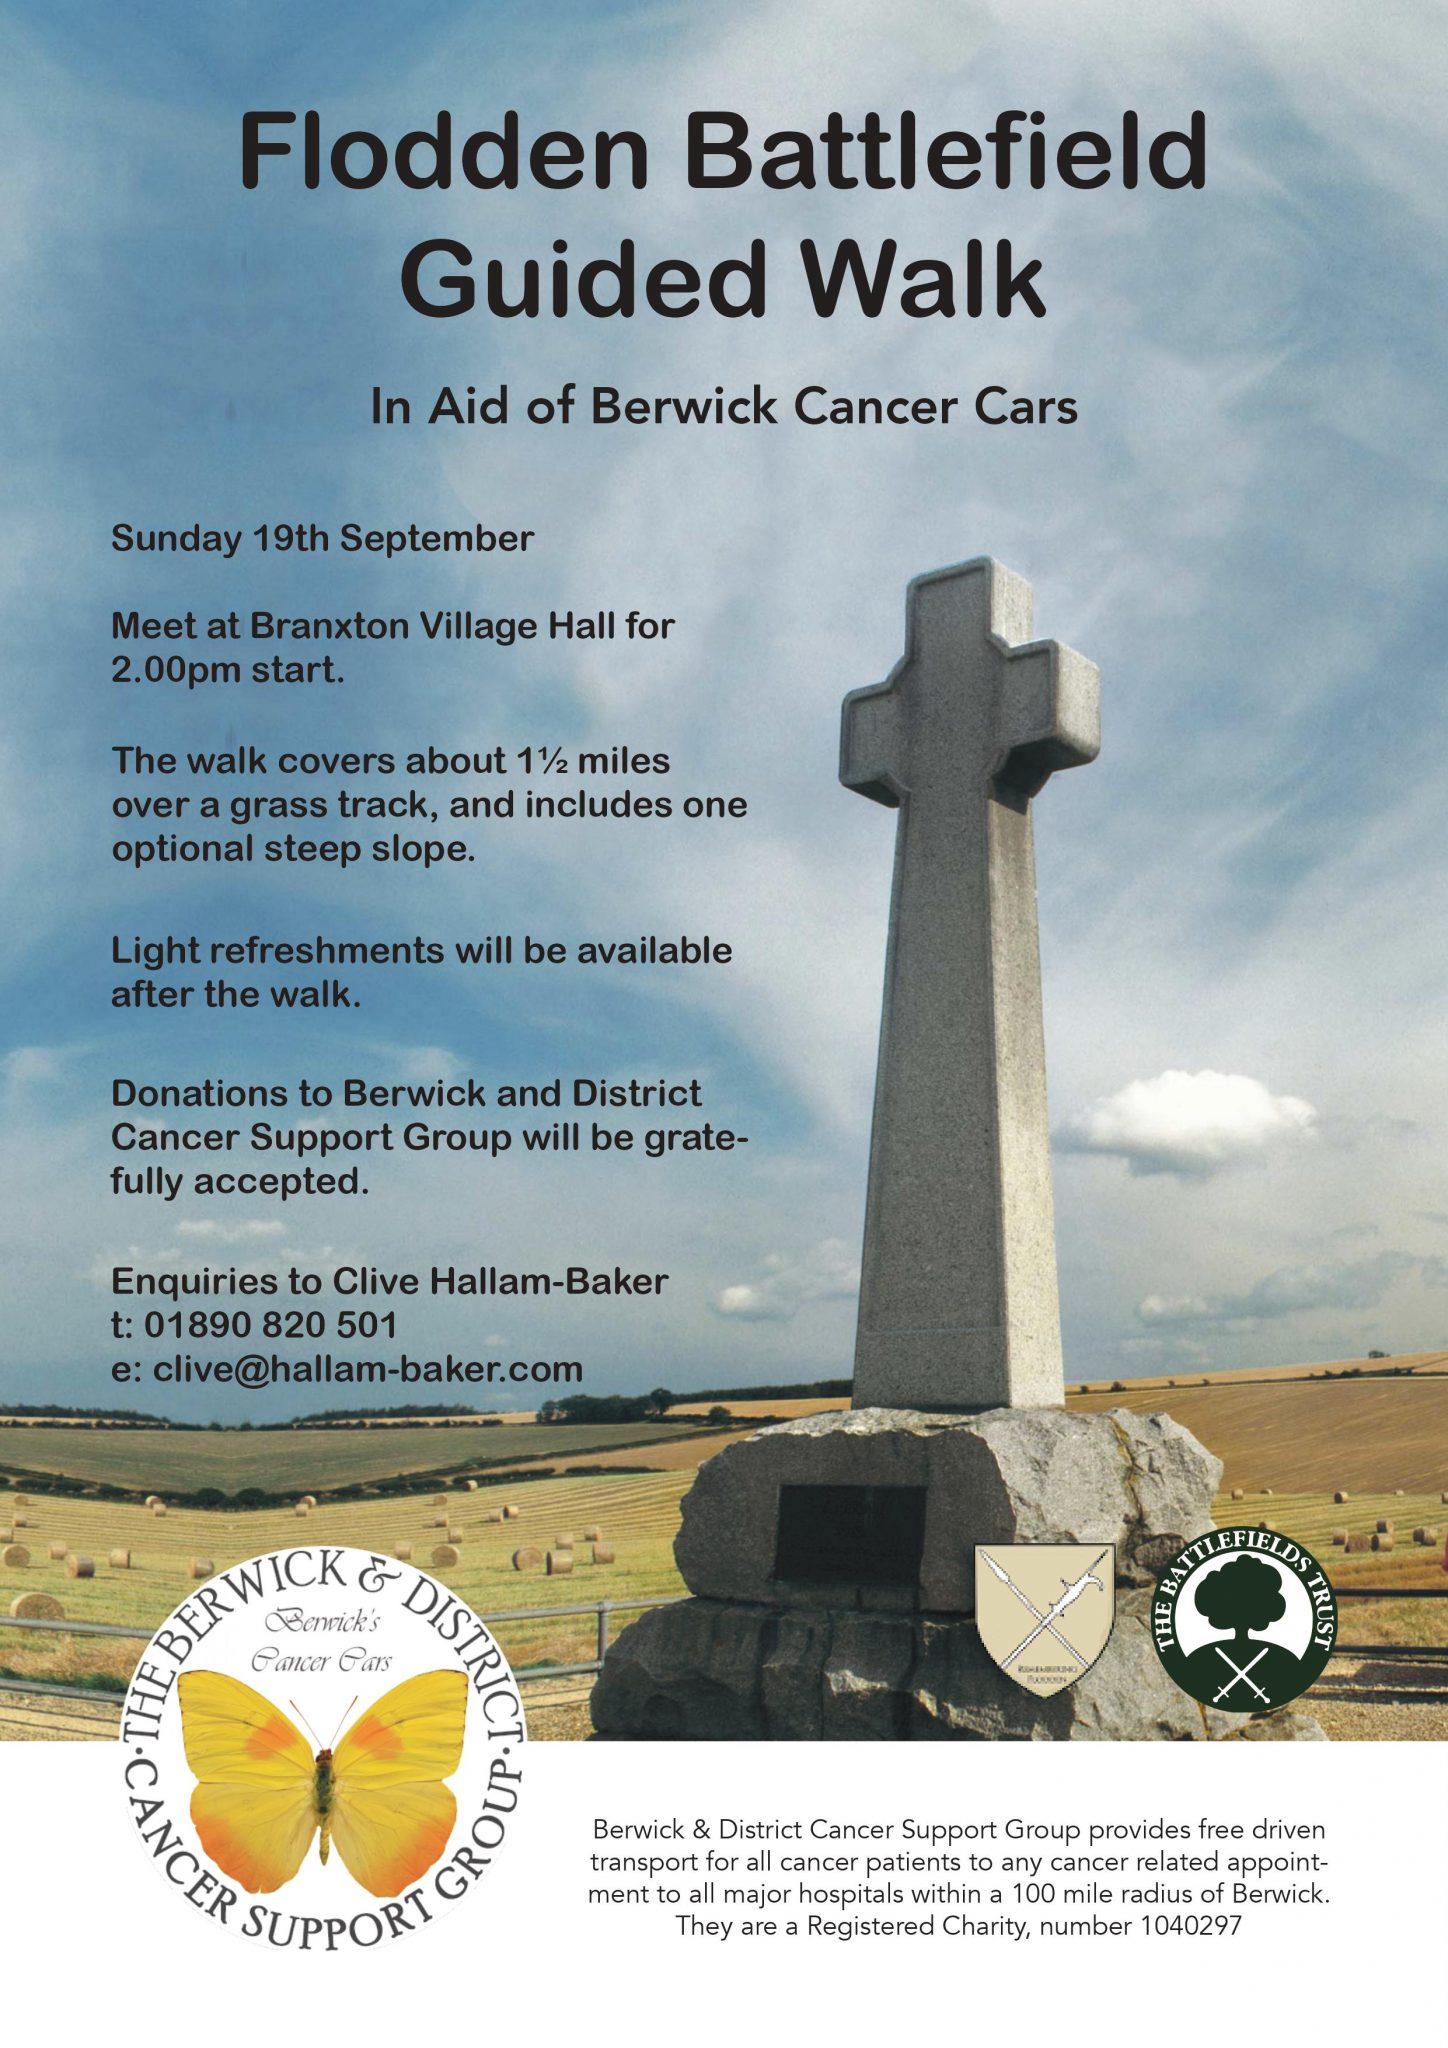 Flodden Fundraising Walk